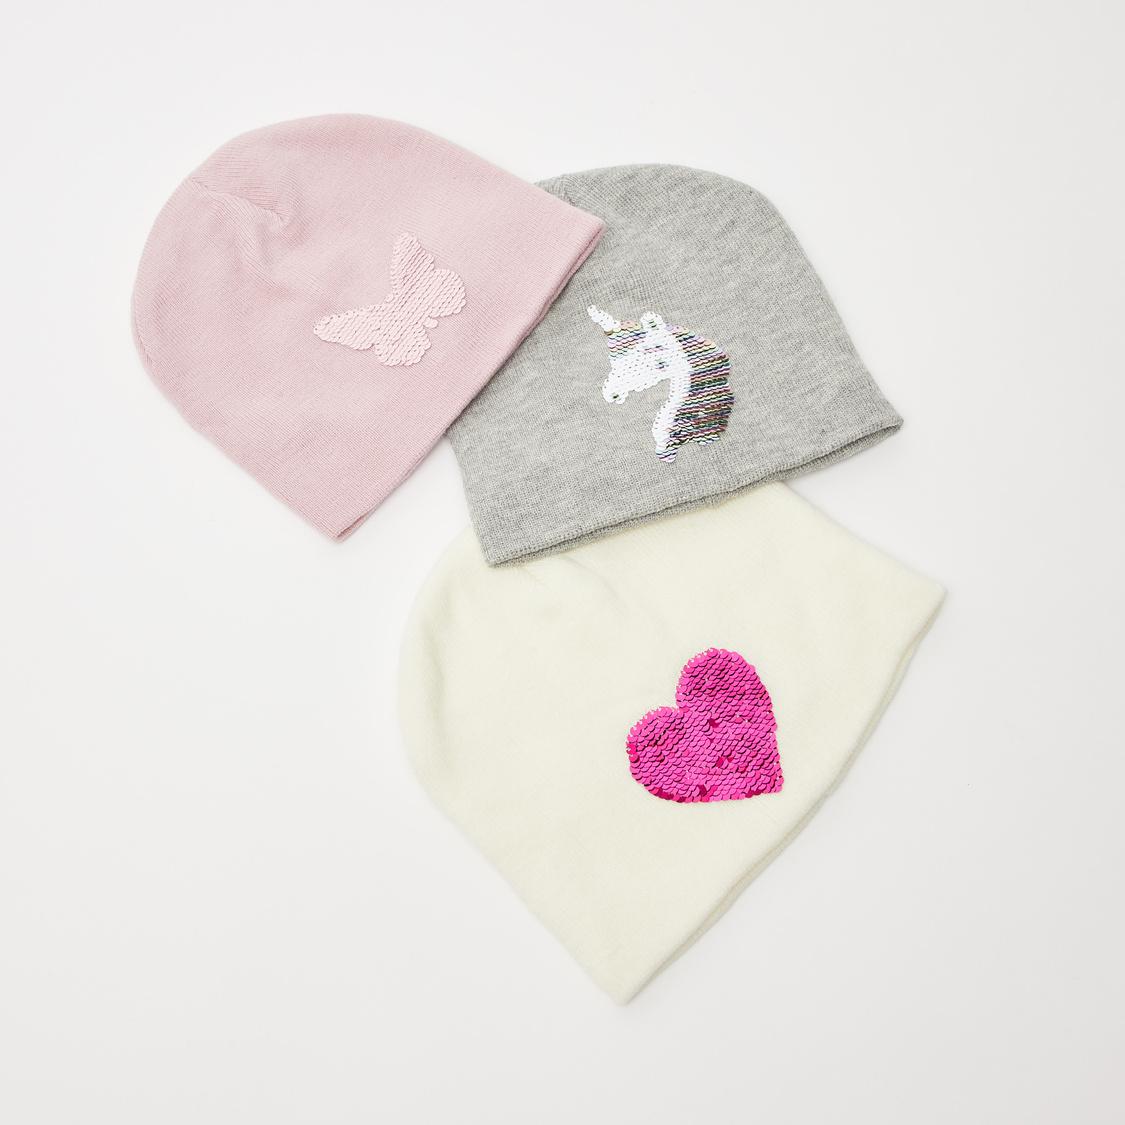 قبعة بيني مزيّنة بتفاصيل ترتر وبحافة مطاطية - طقم من 3 قطع